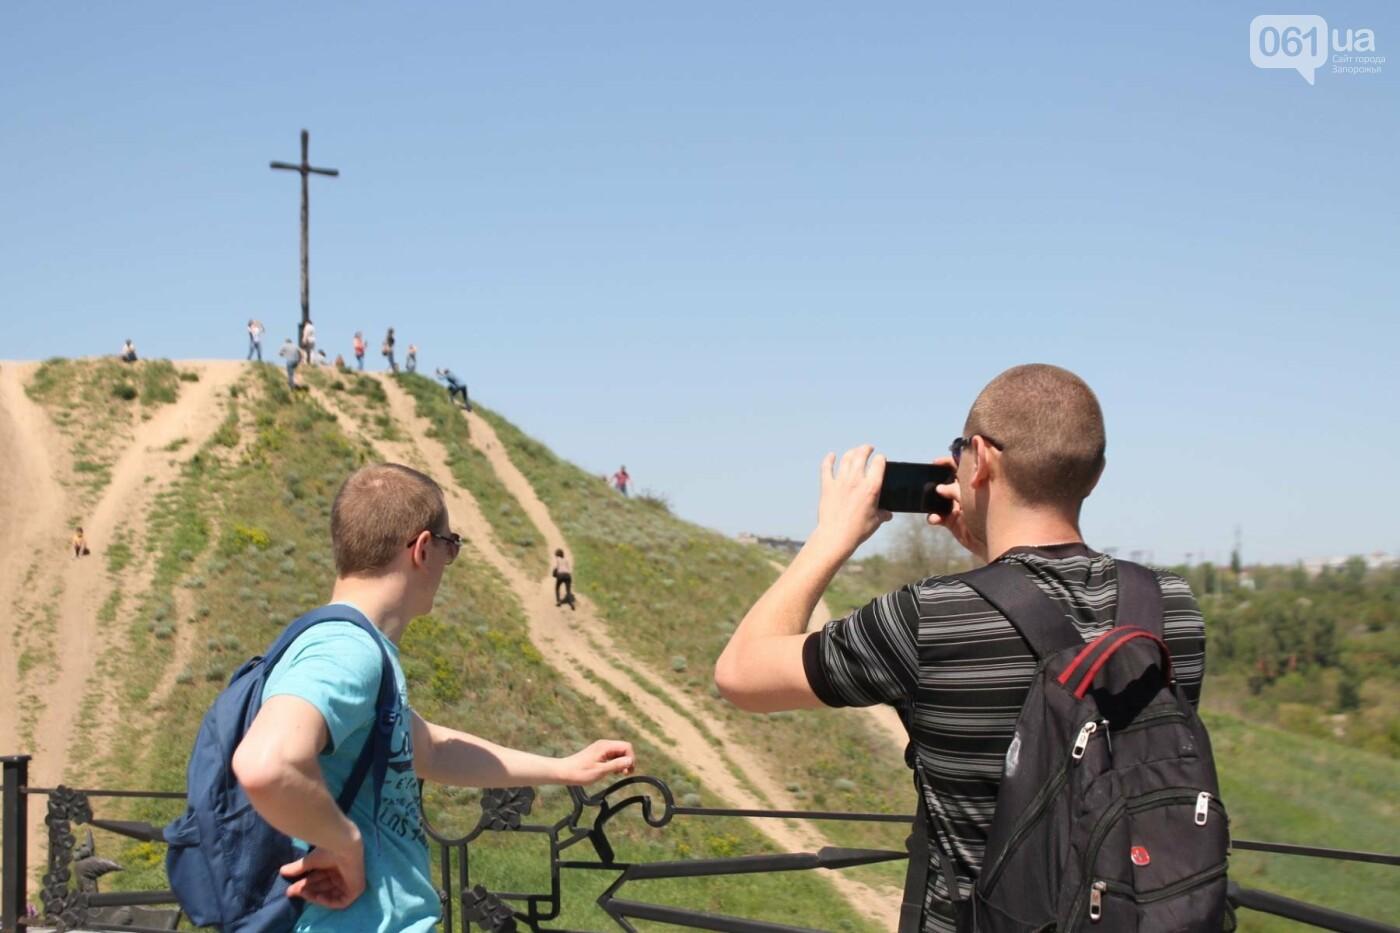 В Запорожье на Хортице концертом открыли туристический сезон: как это было, – ФОТОРЕПОРТАЖ, фото-10